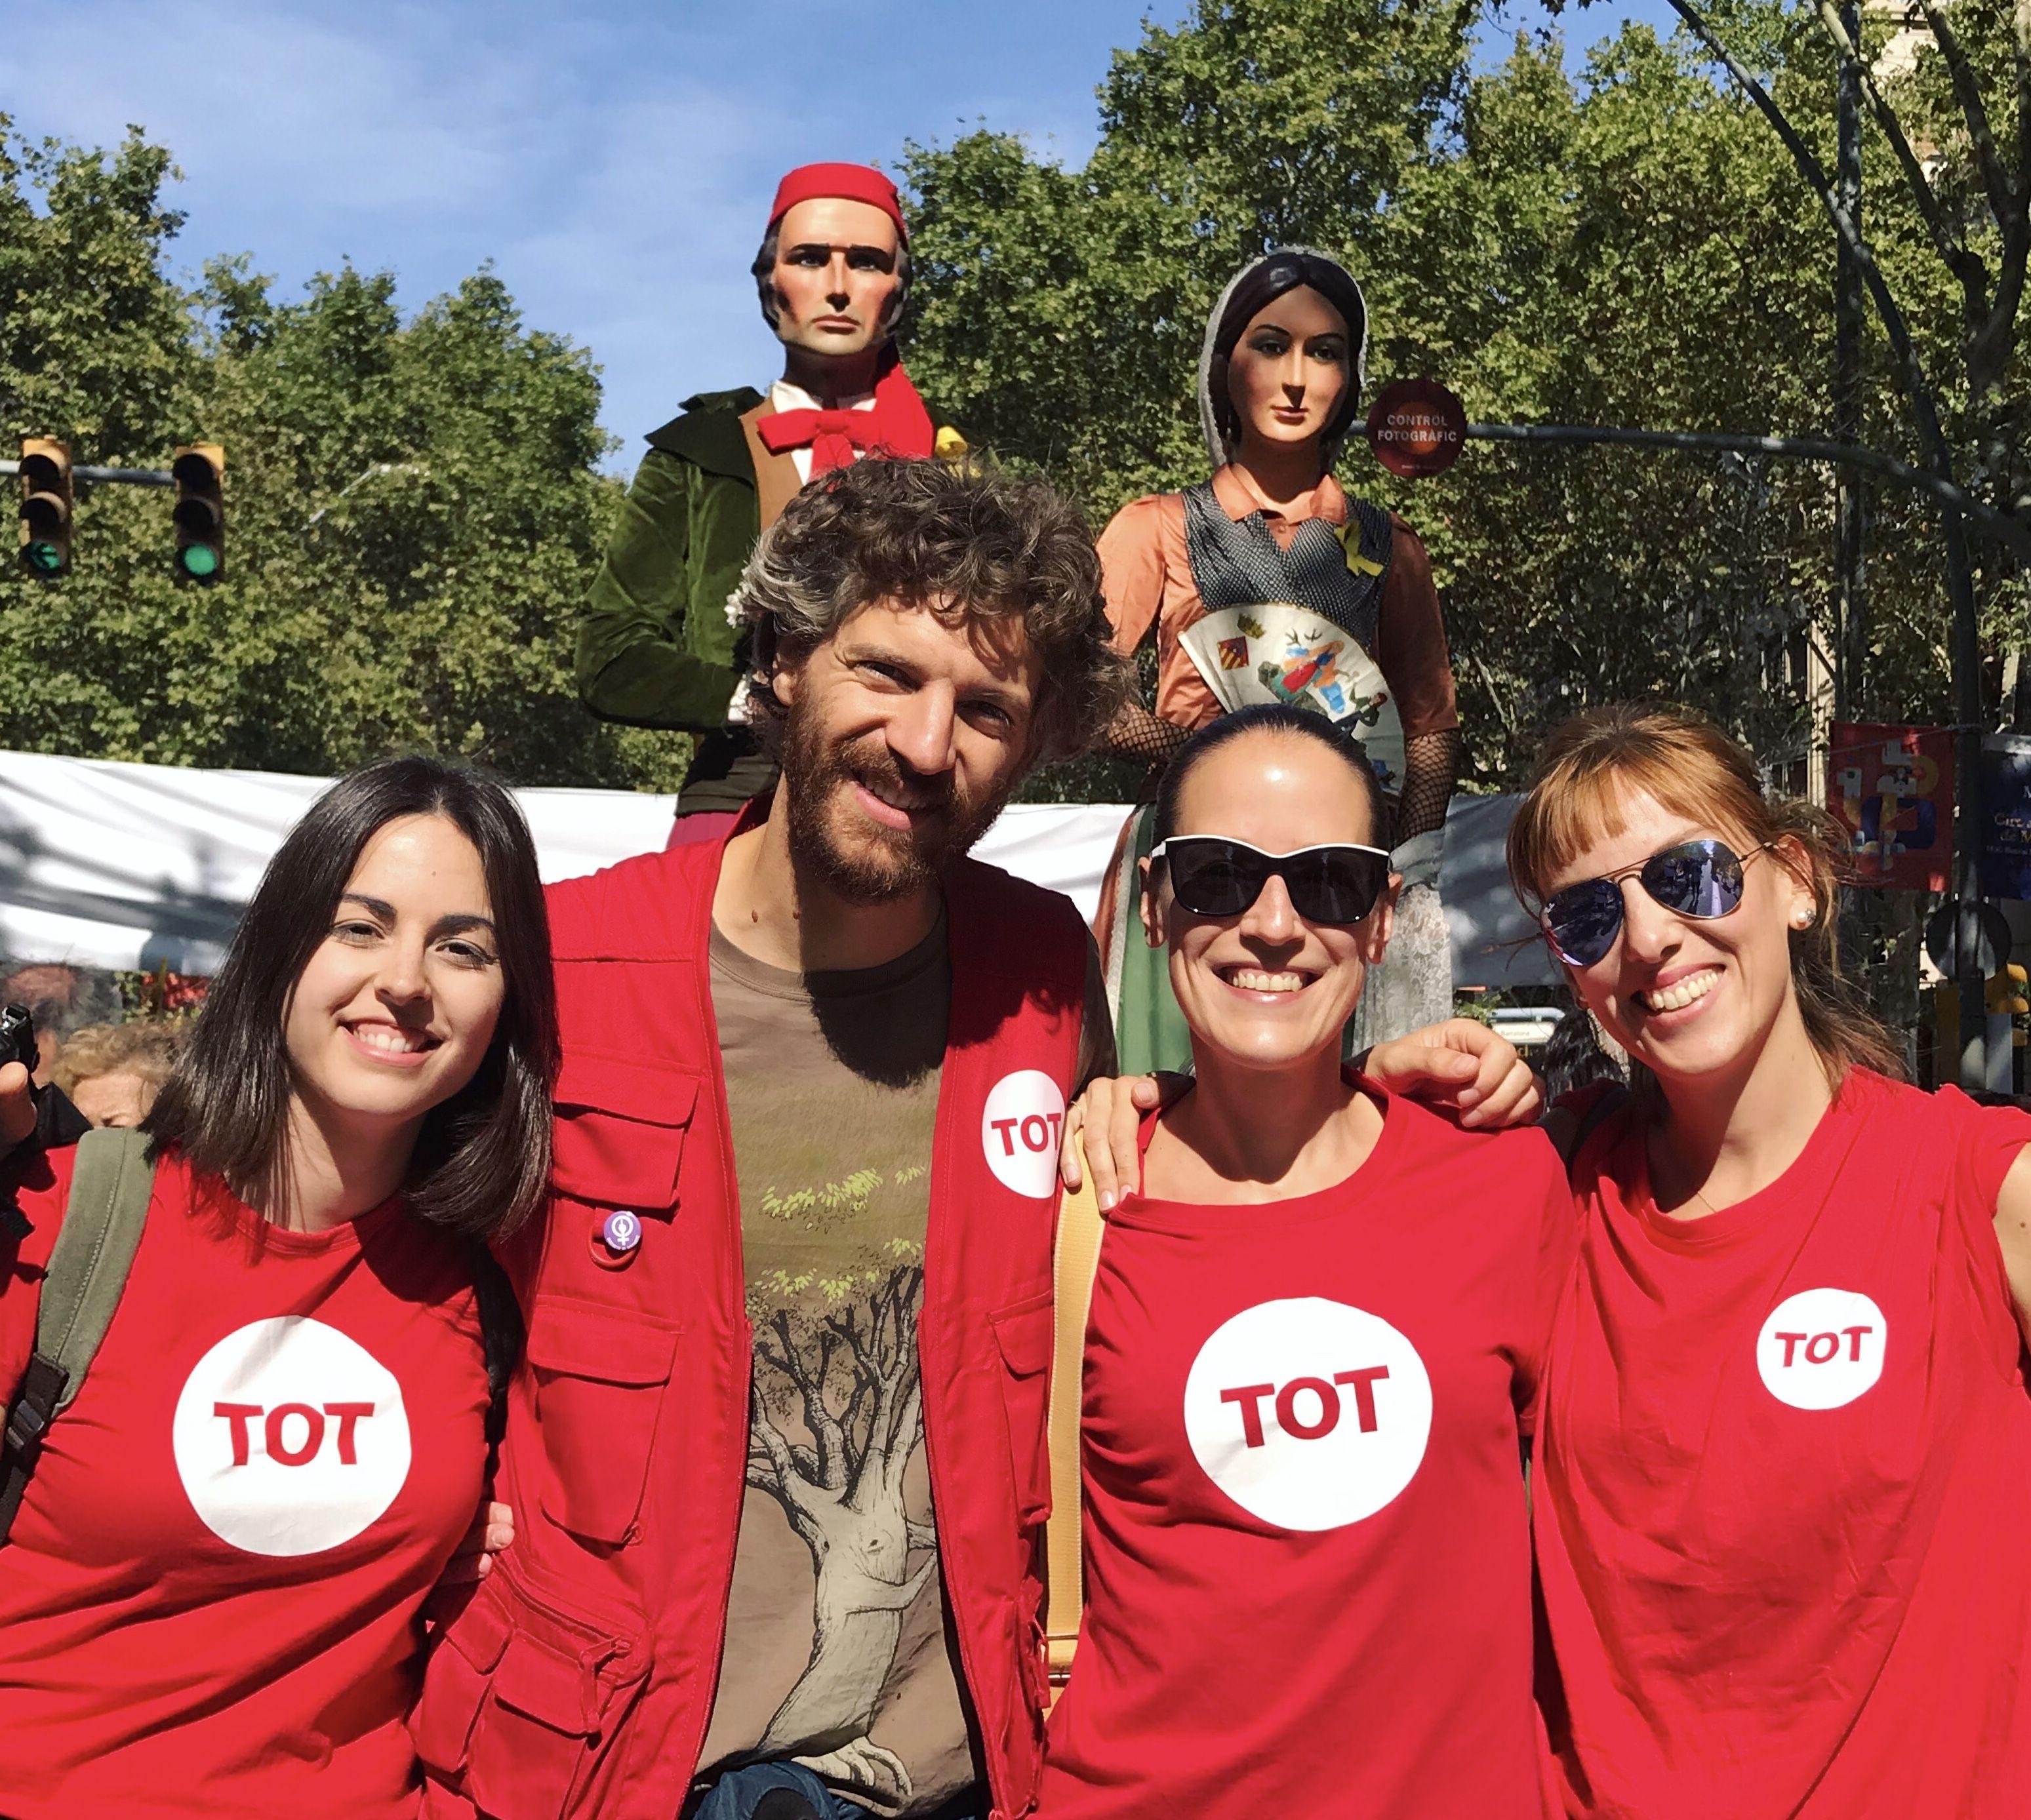 L'equip del TOT Cerdanyola, TOT Sant Cugat i TOT Rubí cobrint el tram vallesà de la manifestació